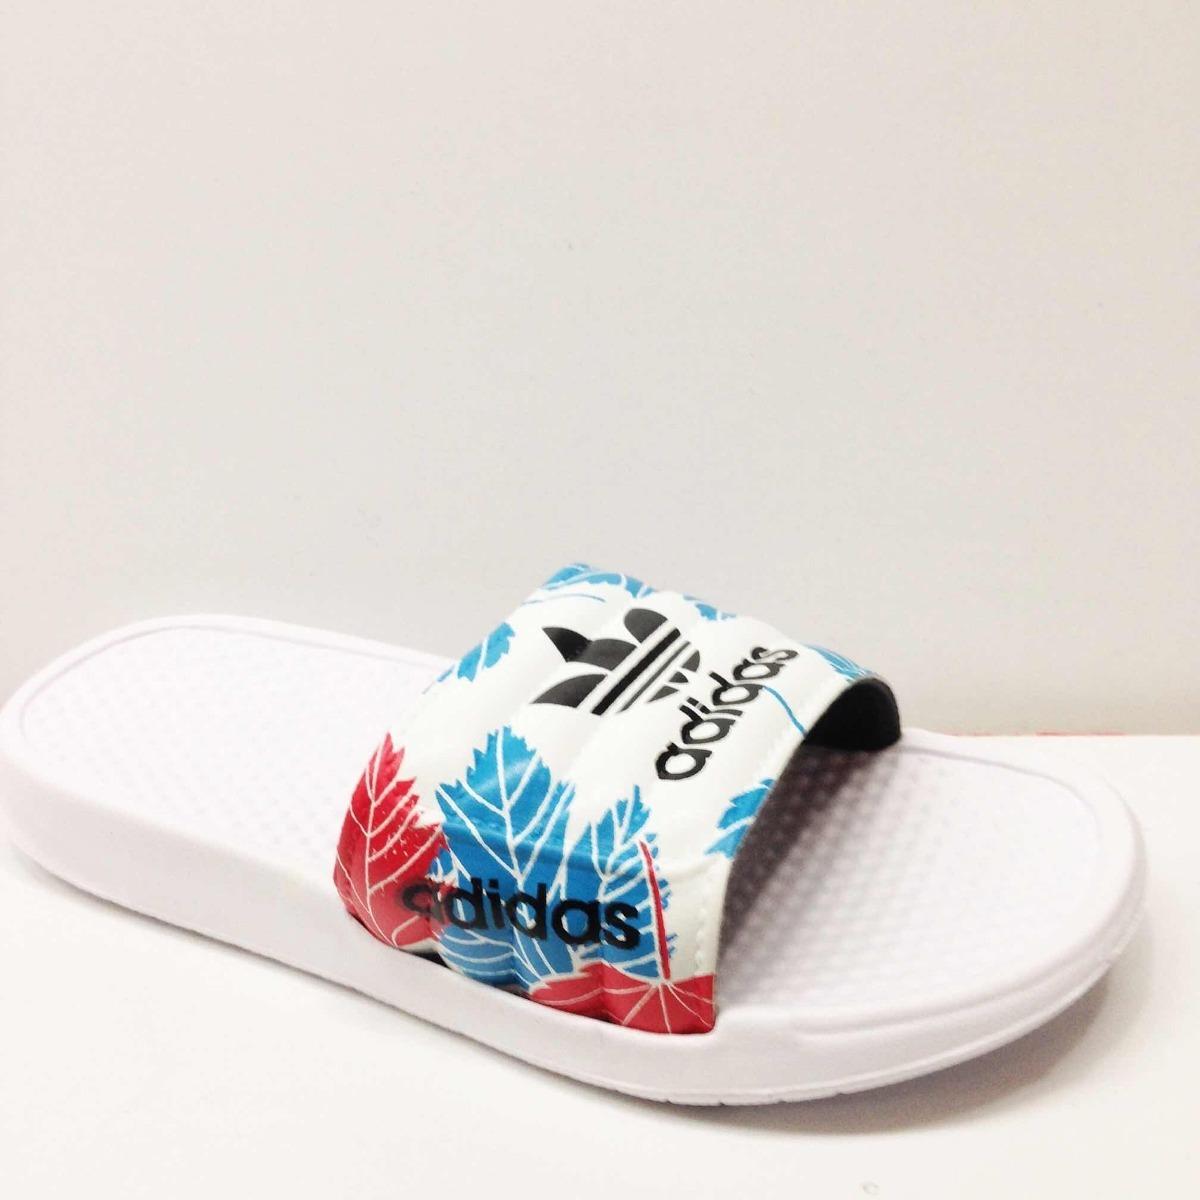 Cholas Chancletas adidas Nike Air Jordan Crocs Damas